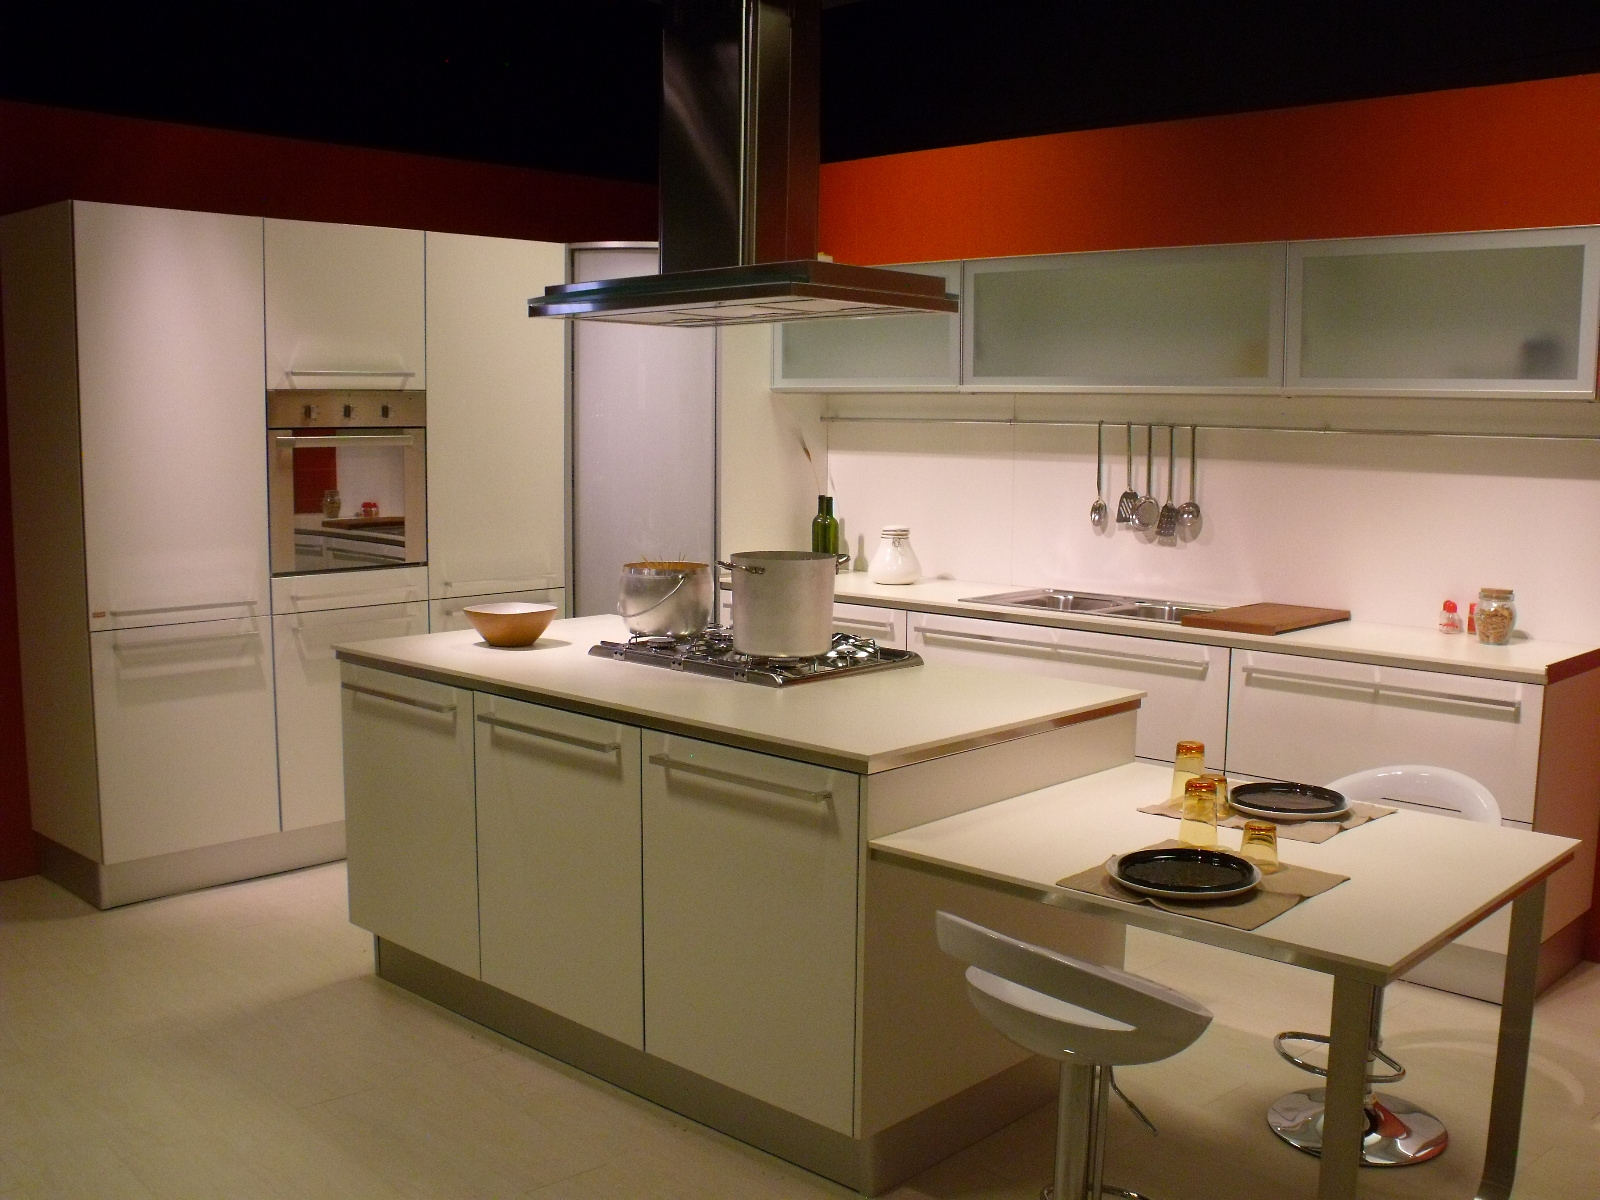 Disegnare una cucina programma per disegnare cucine gratis with disegnare una cucina good - Cucina tutta bianca ...